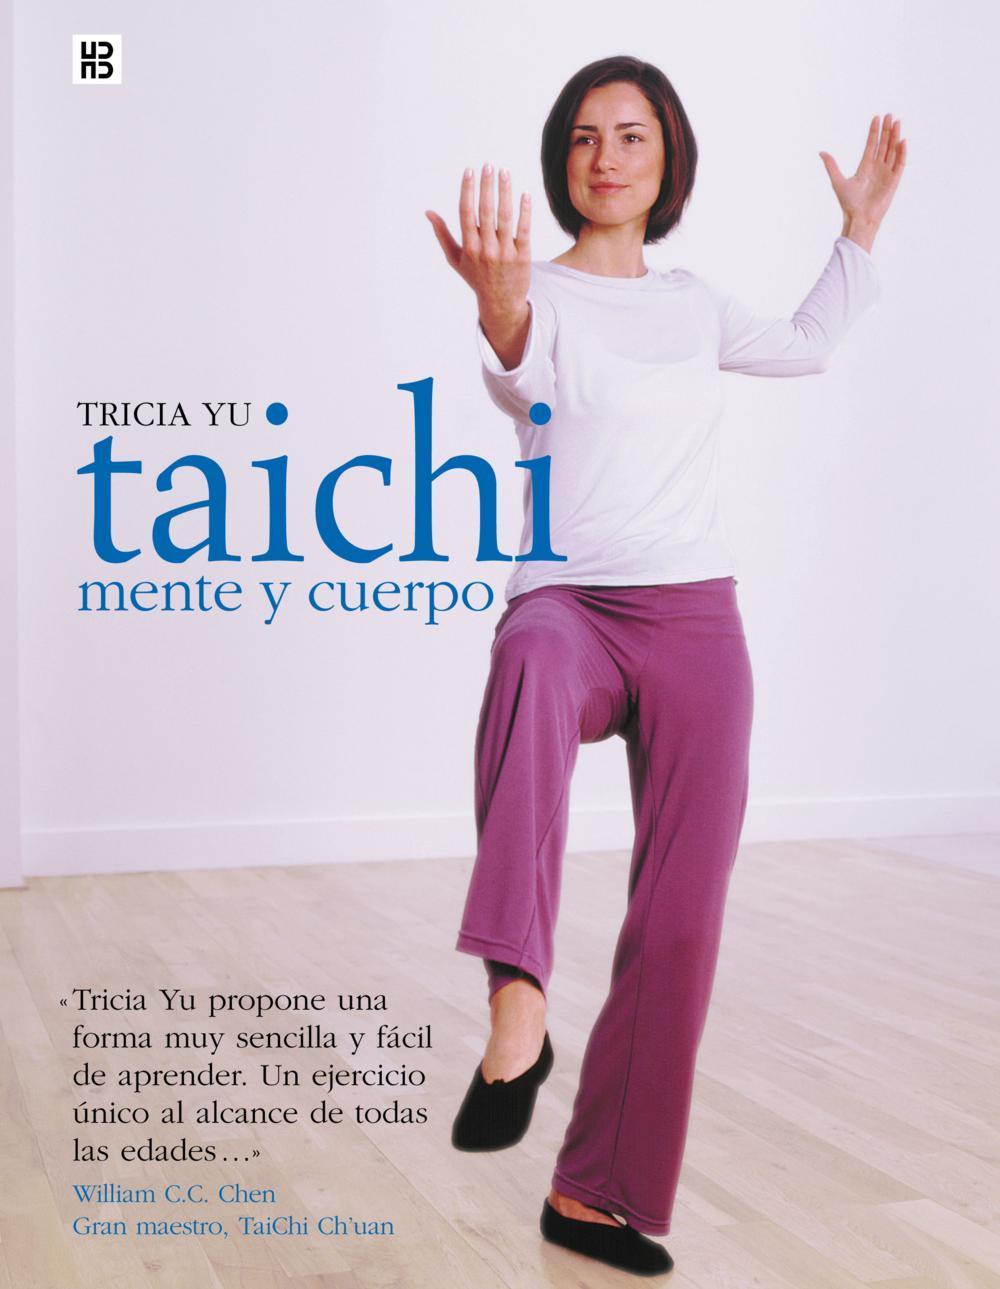 TAICHI, MENTE Y CUERPO